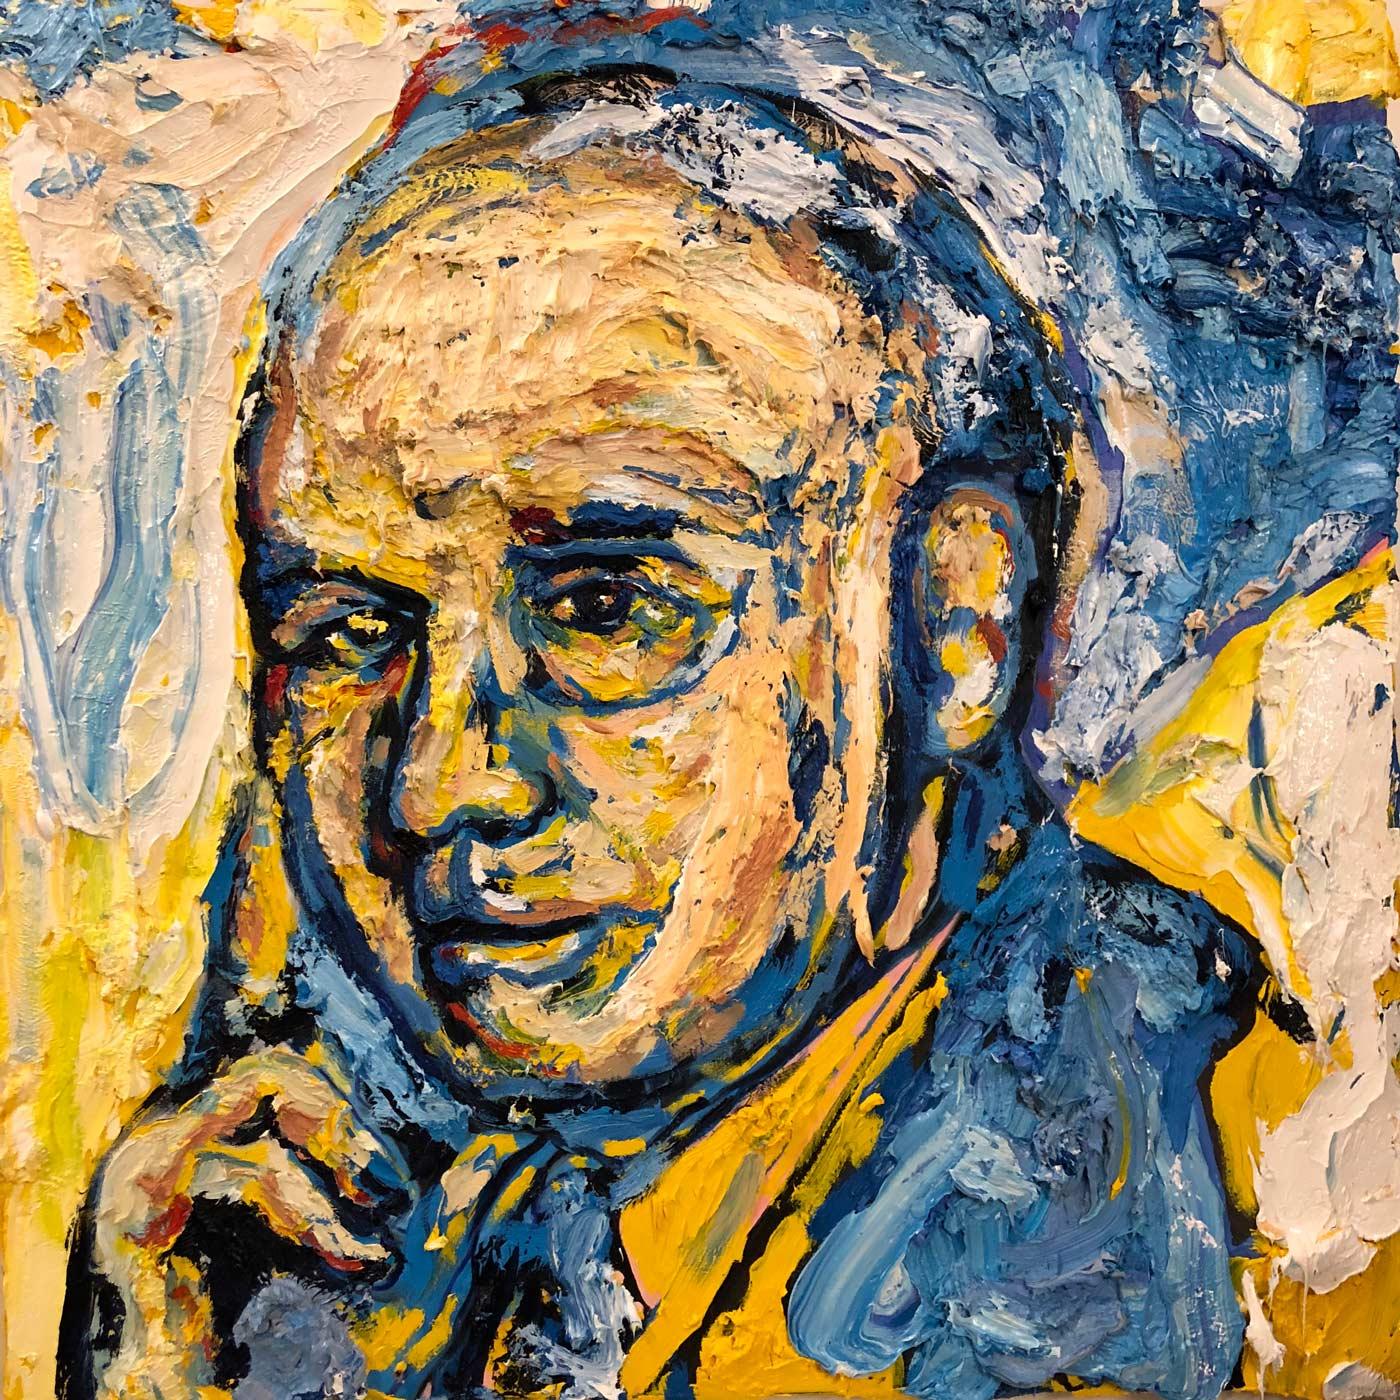 Öl-Porträt des Papstes in blau und gelb